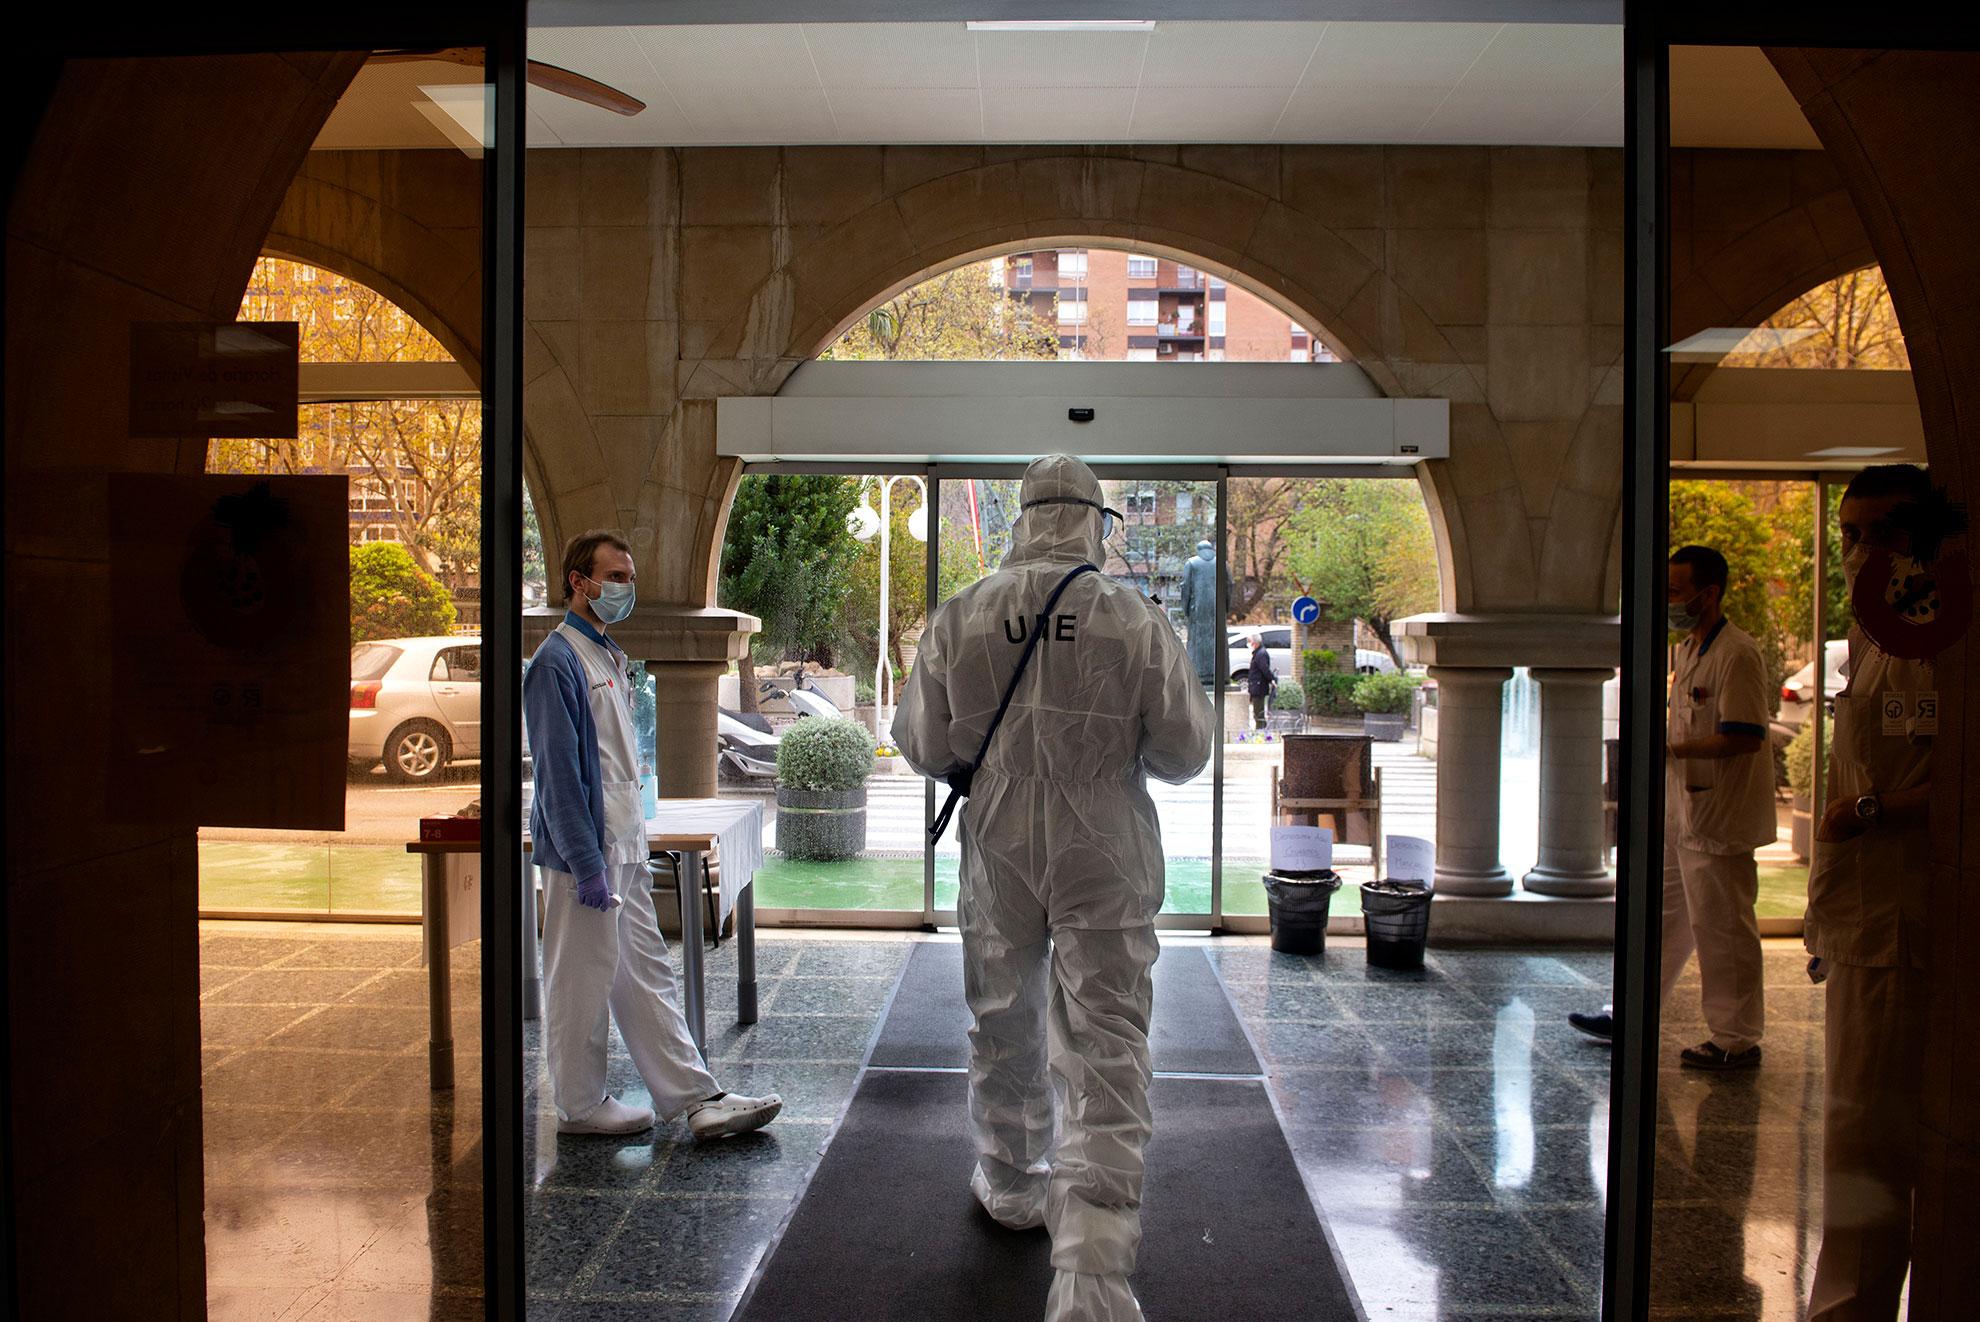 Efectivos de la UME abandonan el Hospital San Juan de Dios de Zaragoza tras haber realizado labores de desinfección de las zonas comunes y de paso.